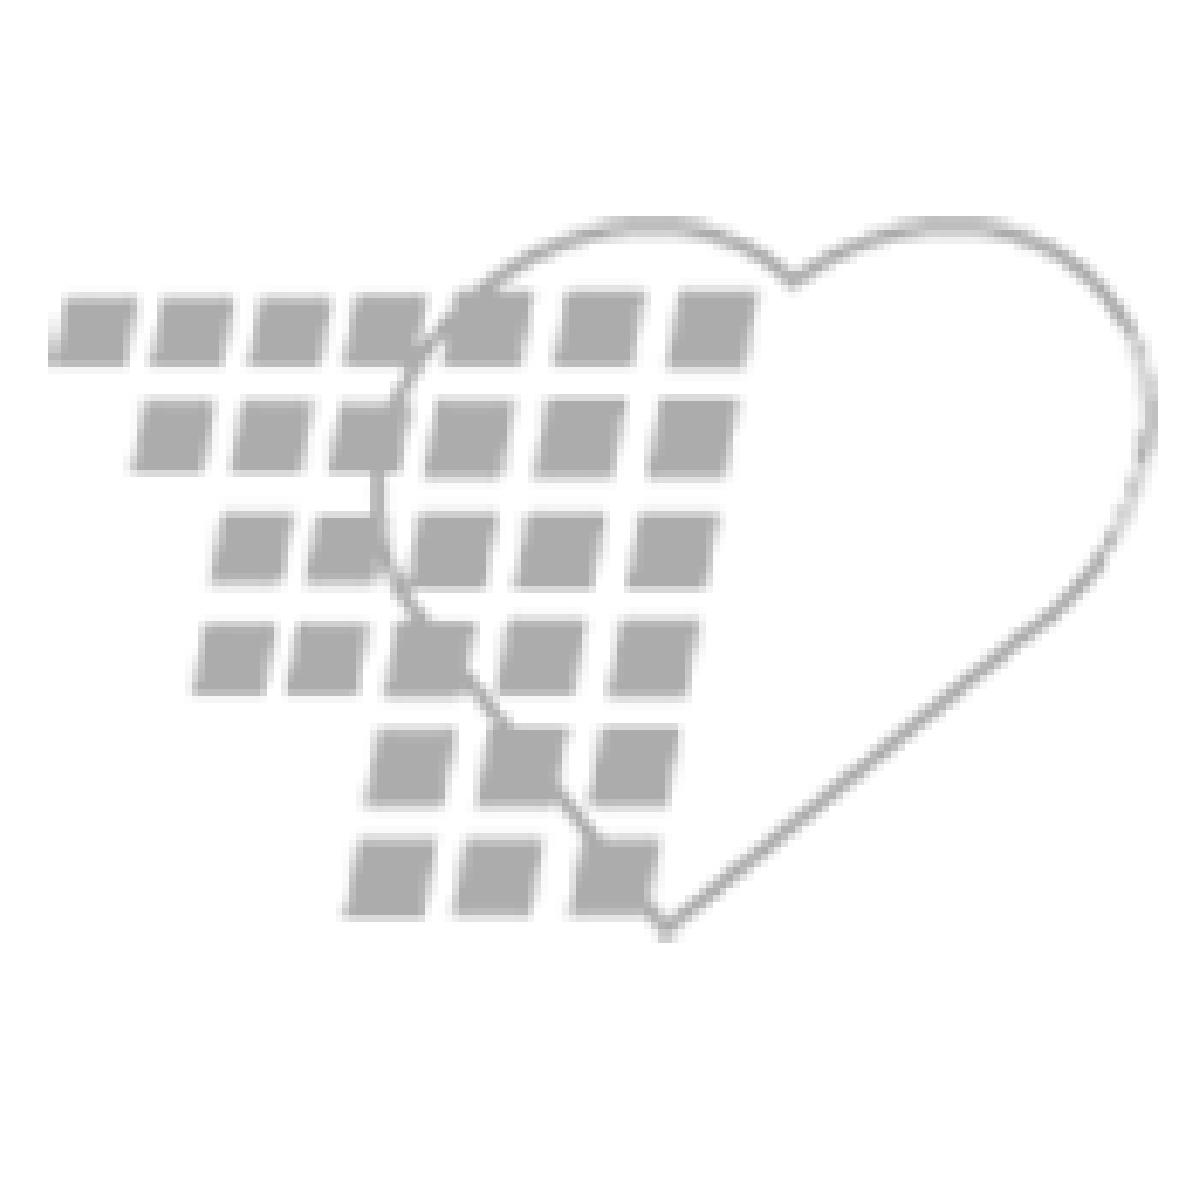 11-81-0006-BRNSM - SimSleeves® Pair - Brown Small